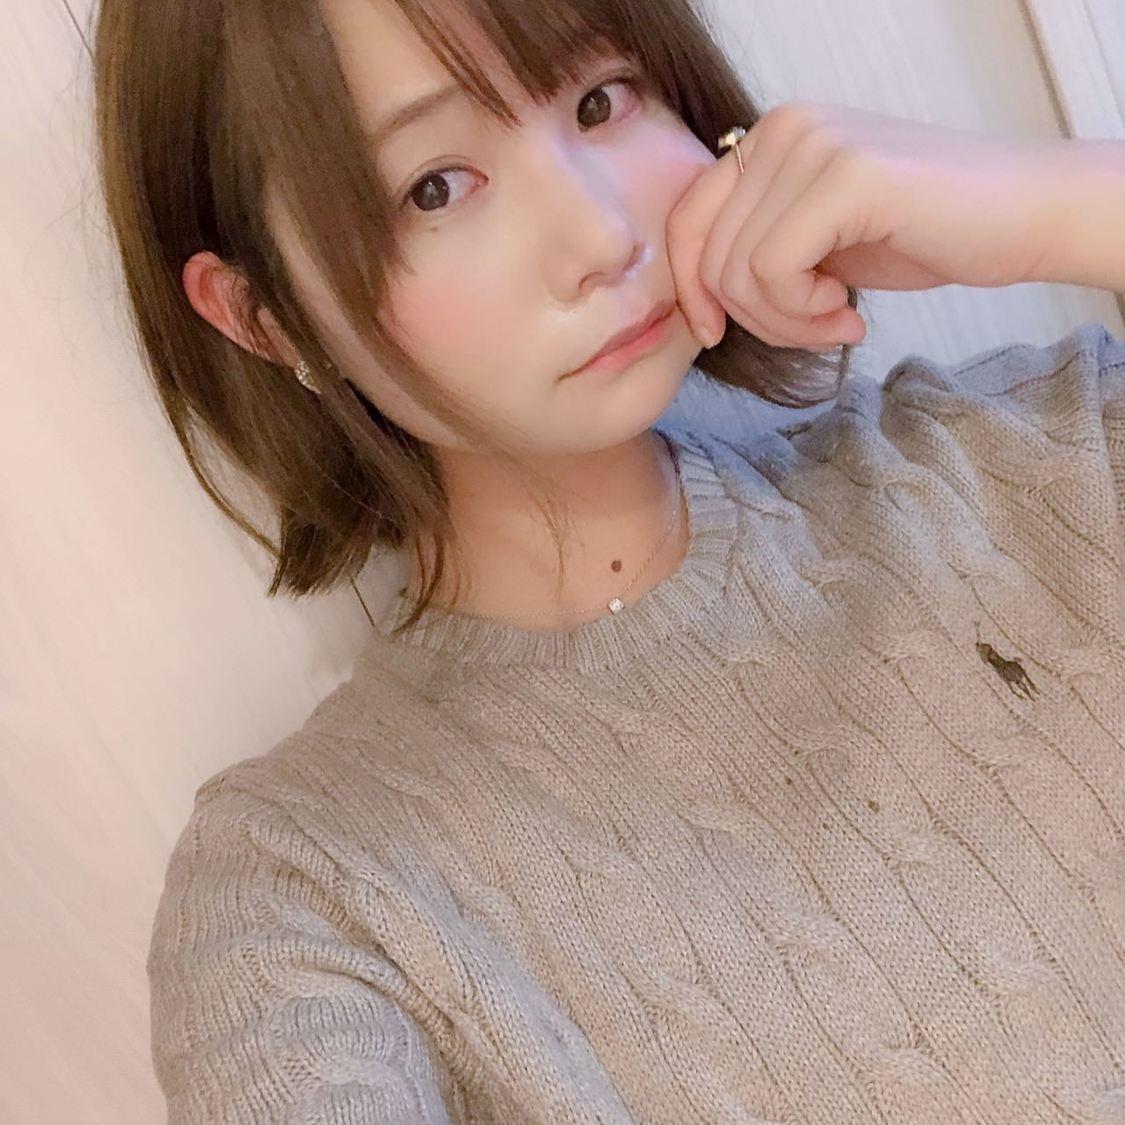 真奈、ヴィレヴァン『カワイイ子の友達はカワイイのか検証企画』第1回に登場!